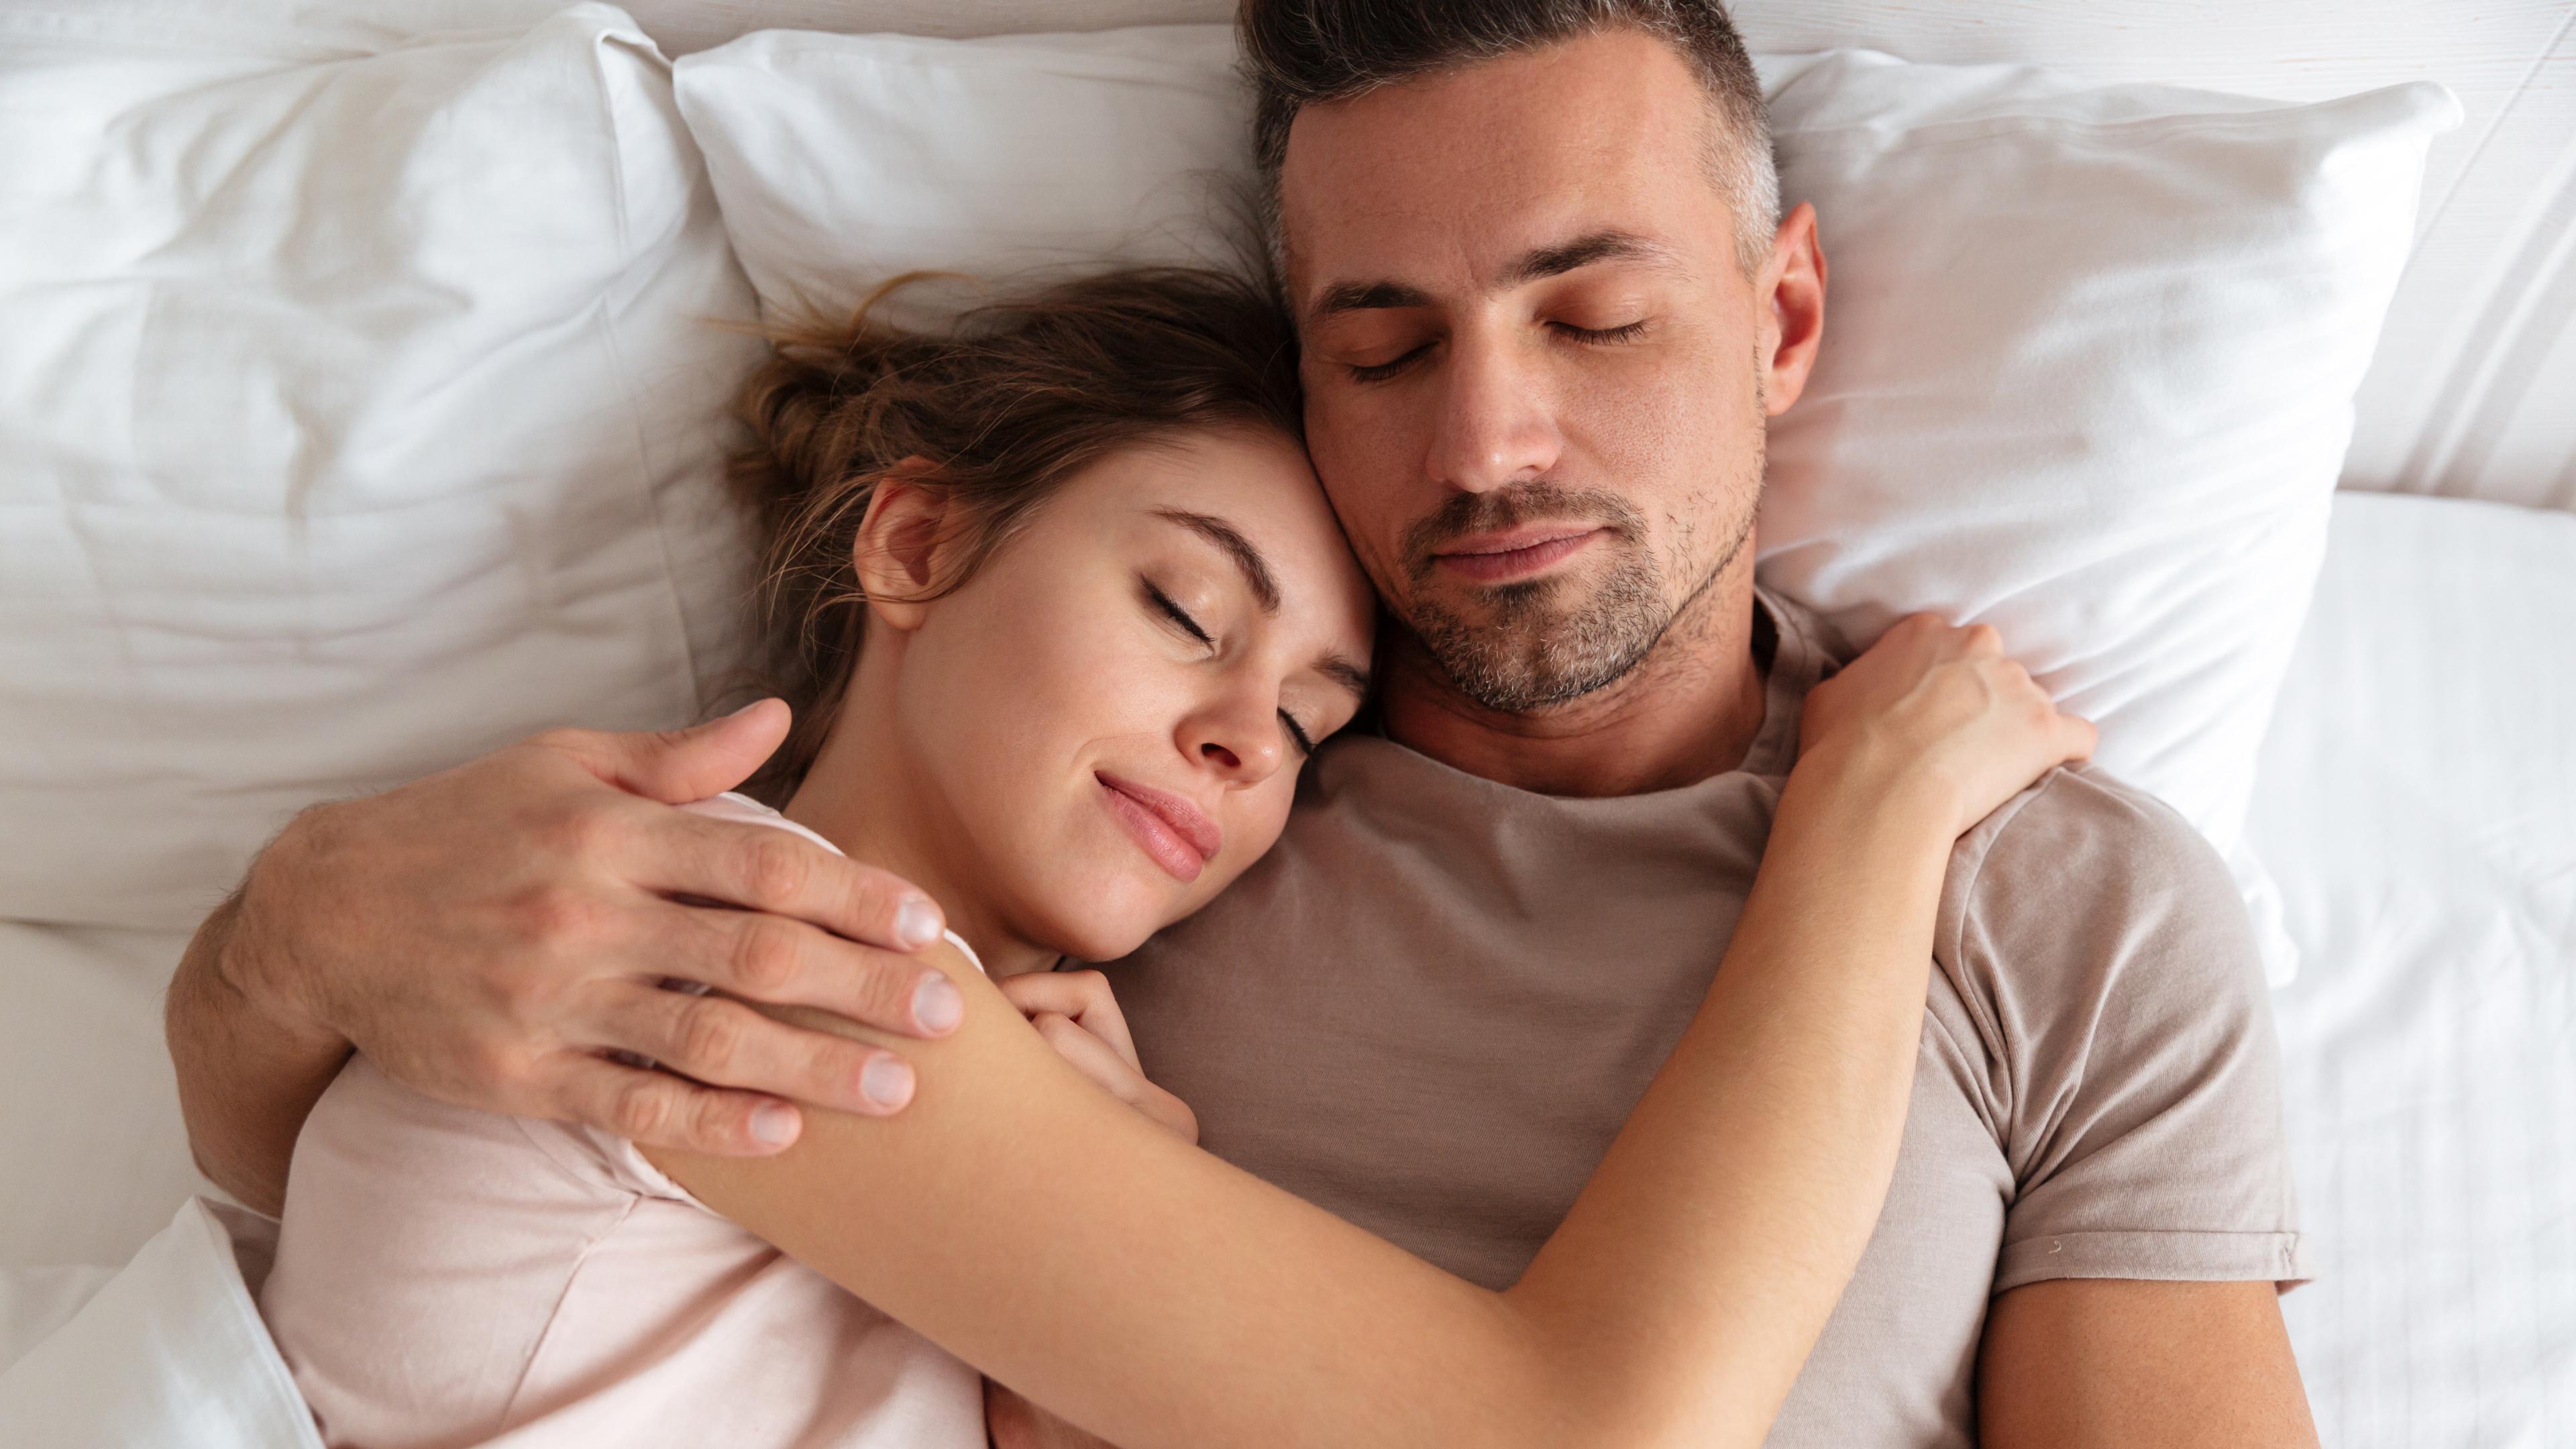 Сон с партнером благотворно сказывается на фазе с быстрыми движениями глаз